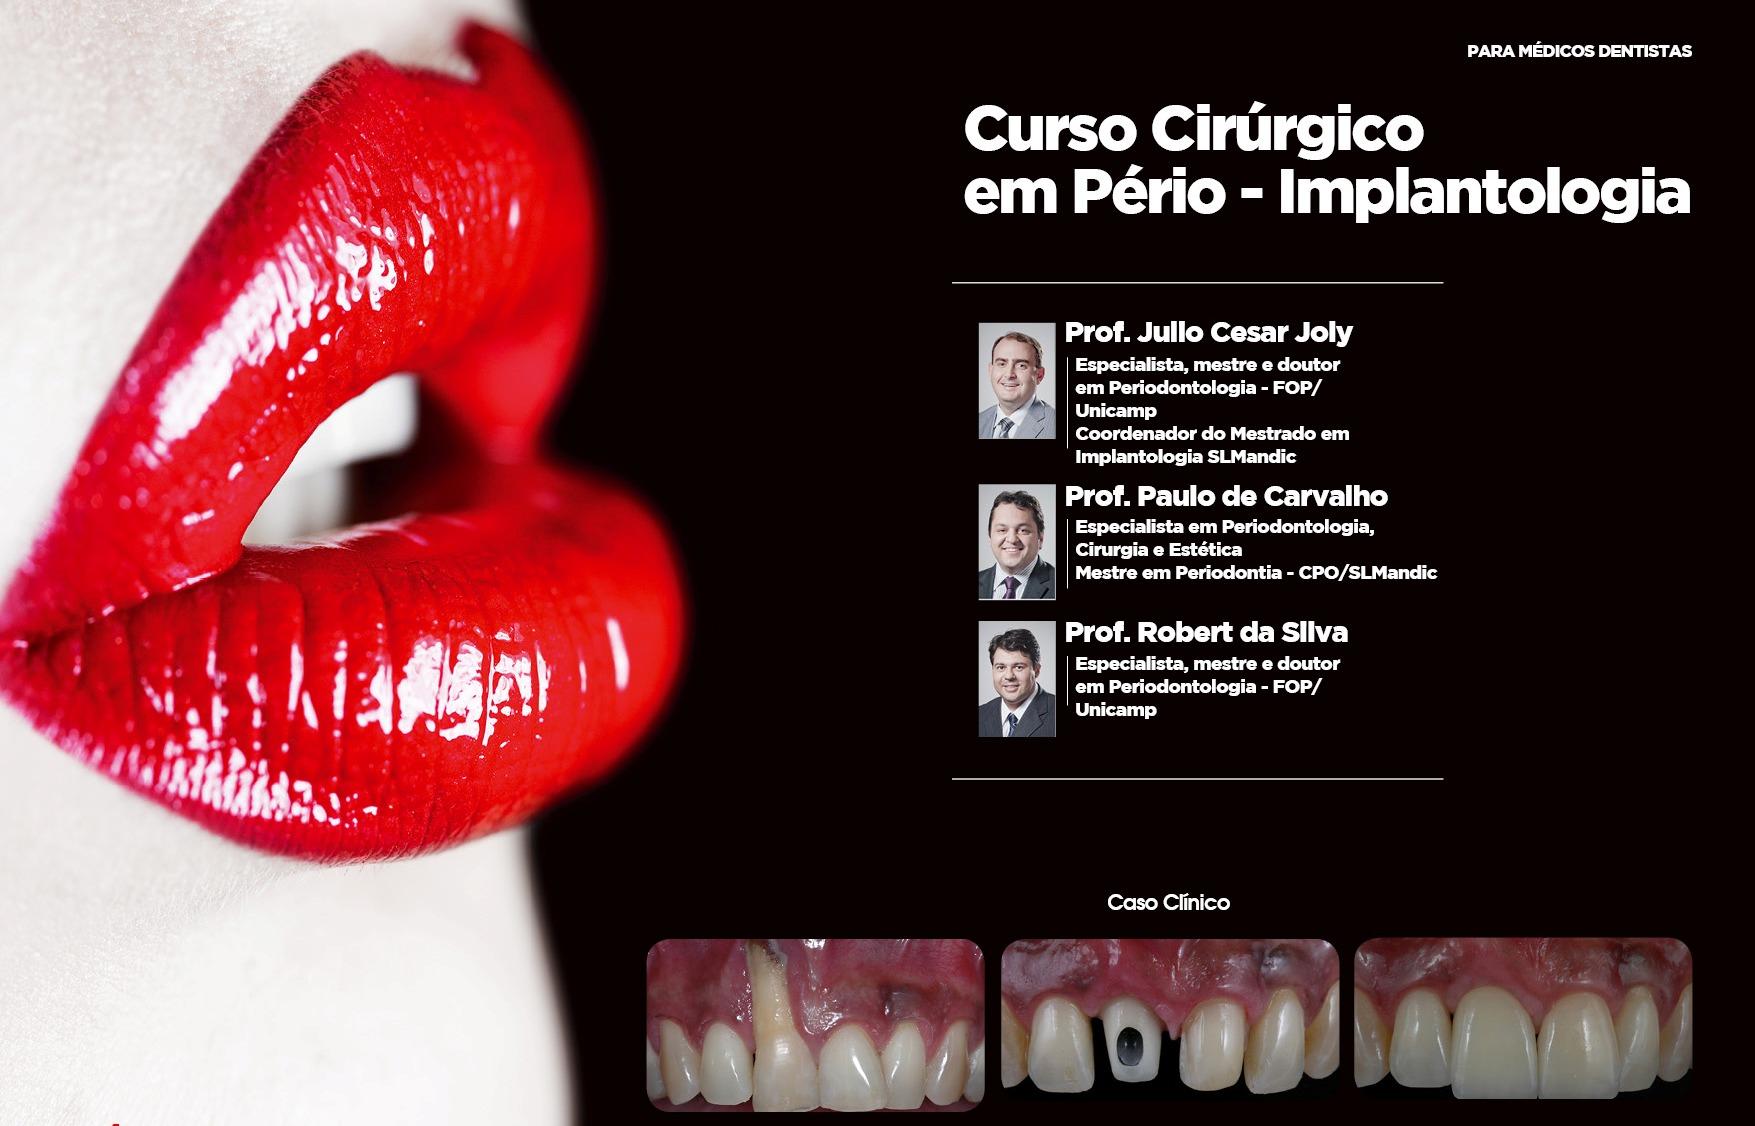 Curso Cirúrgico Demonstrativo em Perio-Implantologia Estética - Prof. Julio Cesar Joly Prof. Paulo de Carvalho Prof. Robert da Silva - Maxillaris